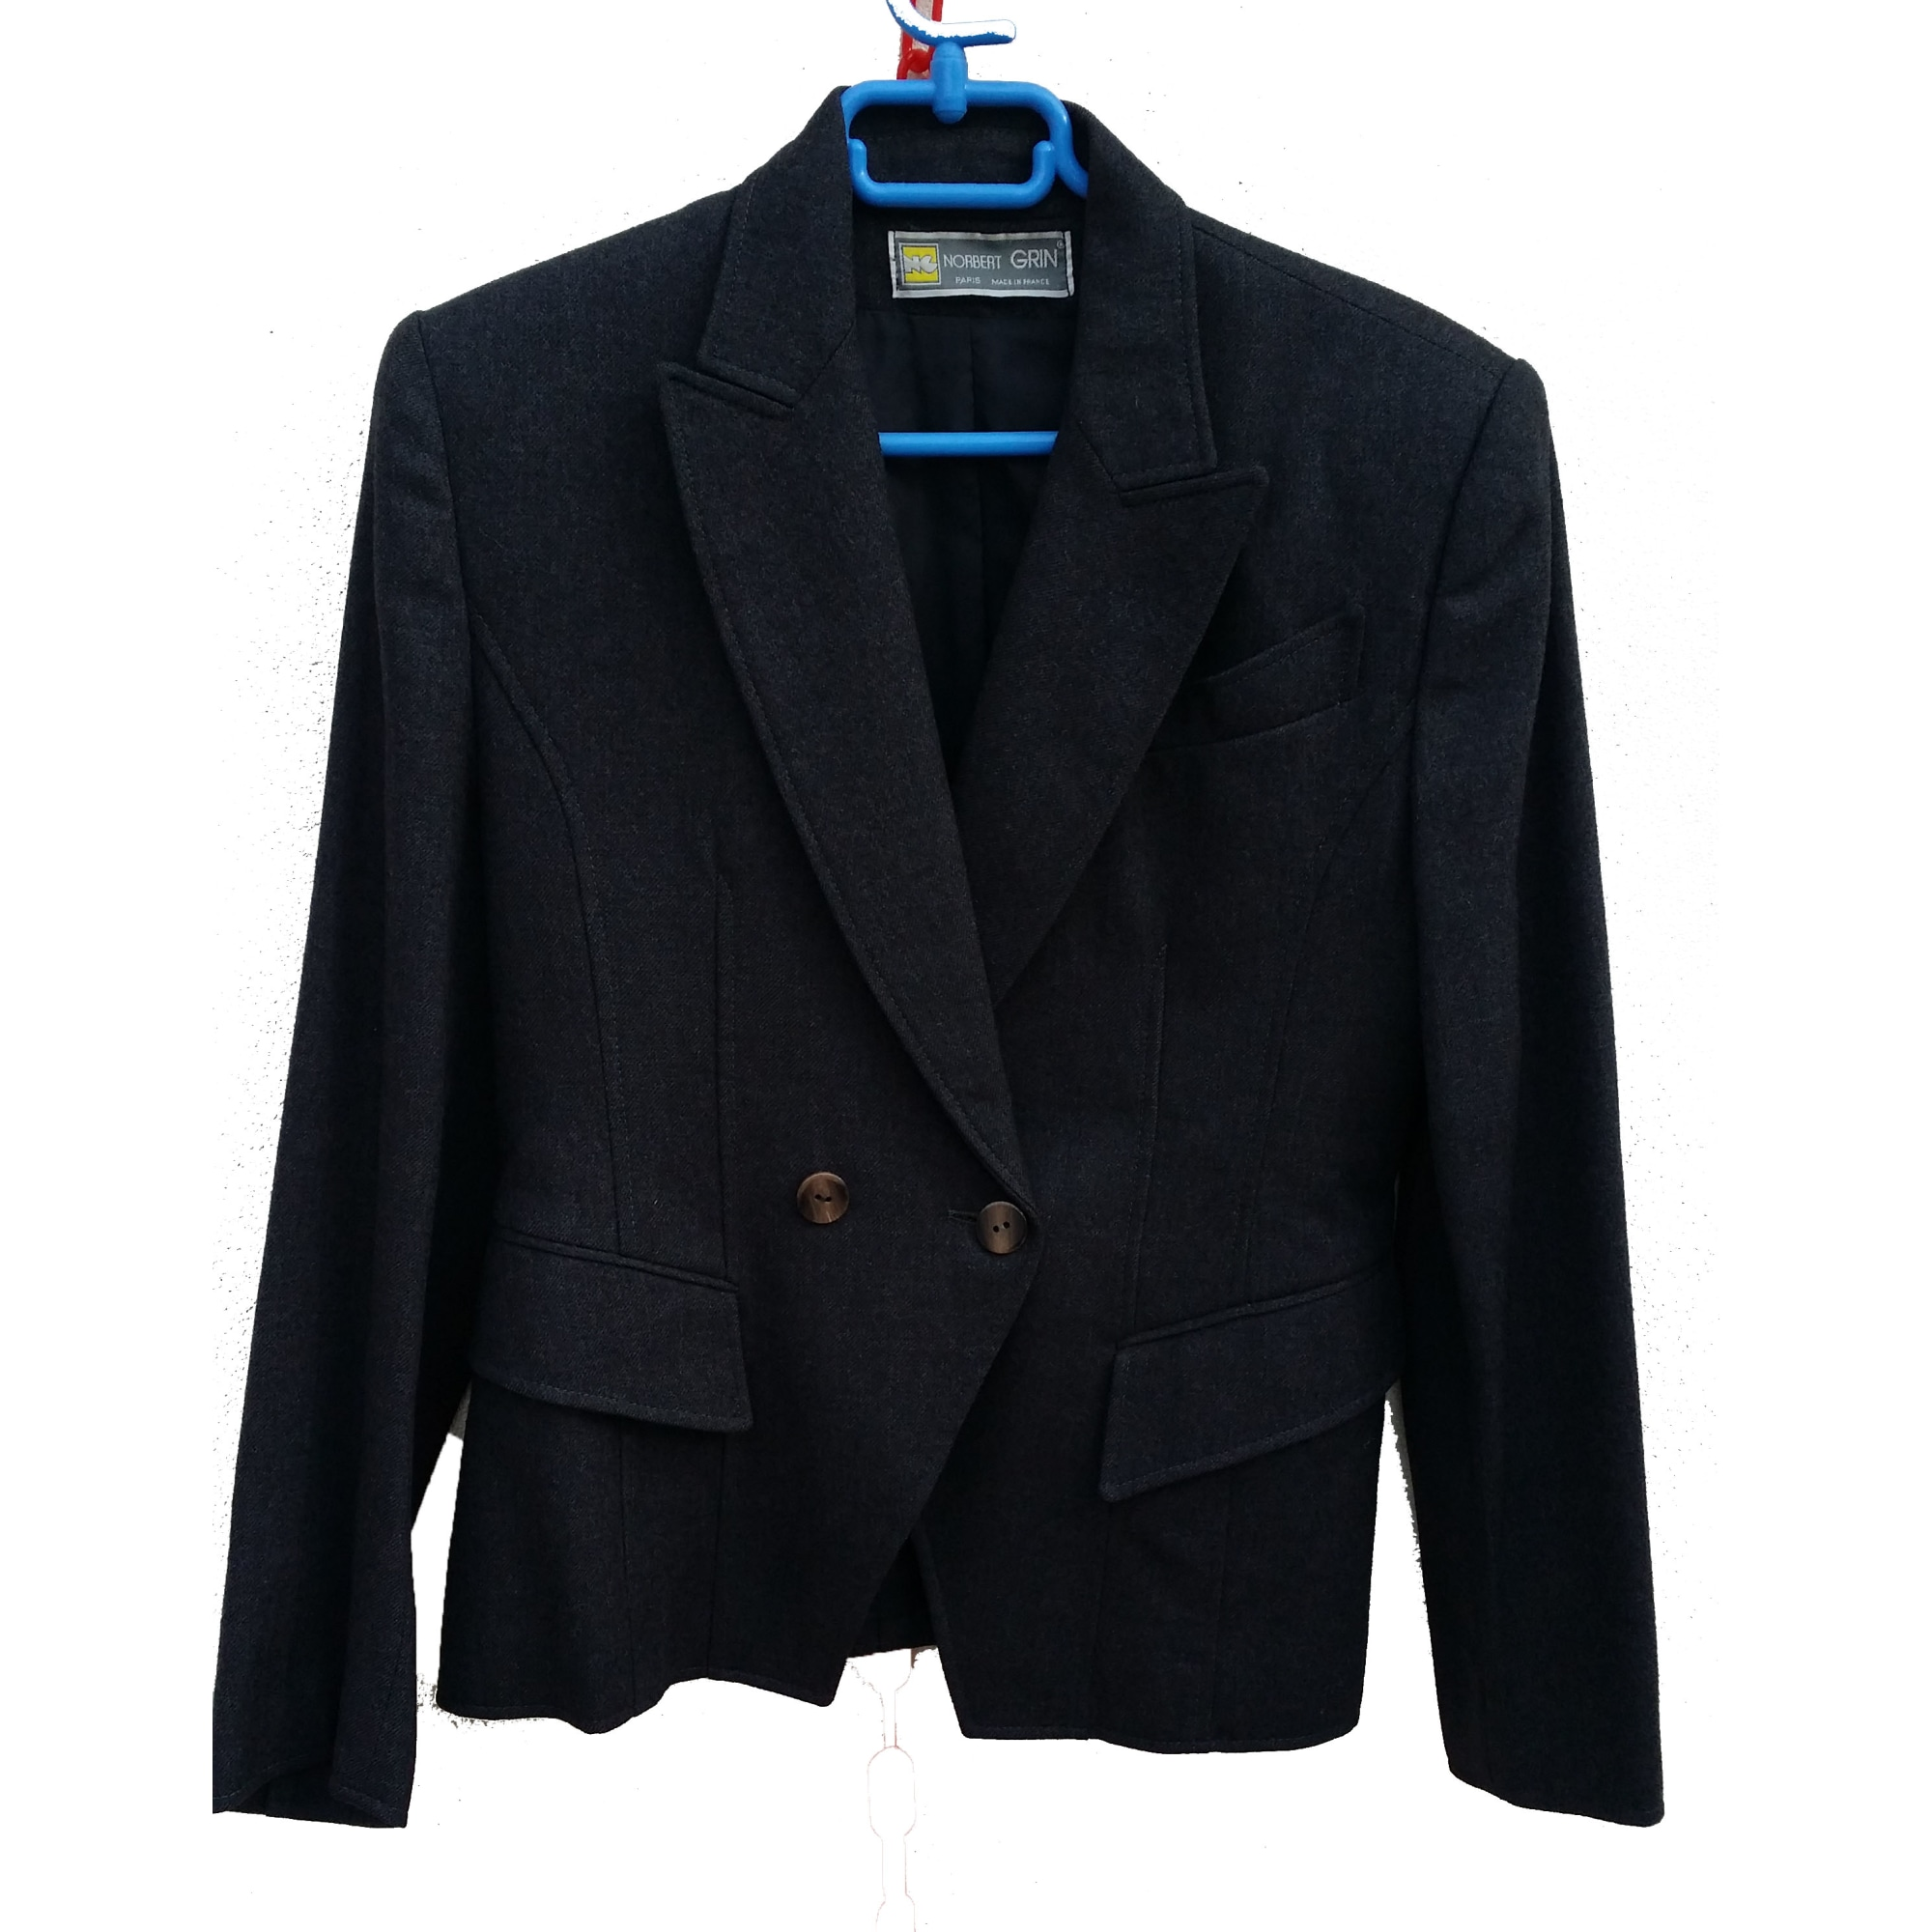 Blazer, veste tailleur NORBERT GRIN 38 (M, T2) gris - 7154775 f10979eb11dc